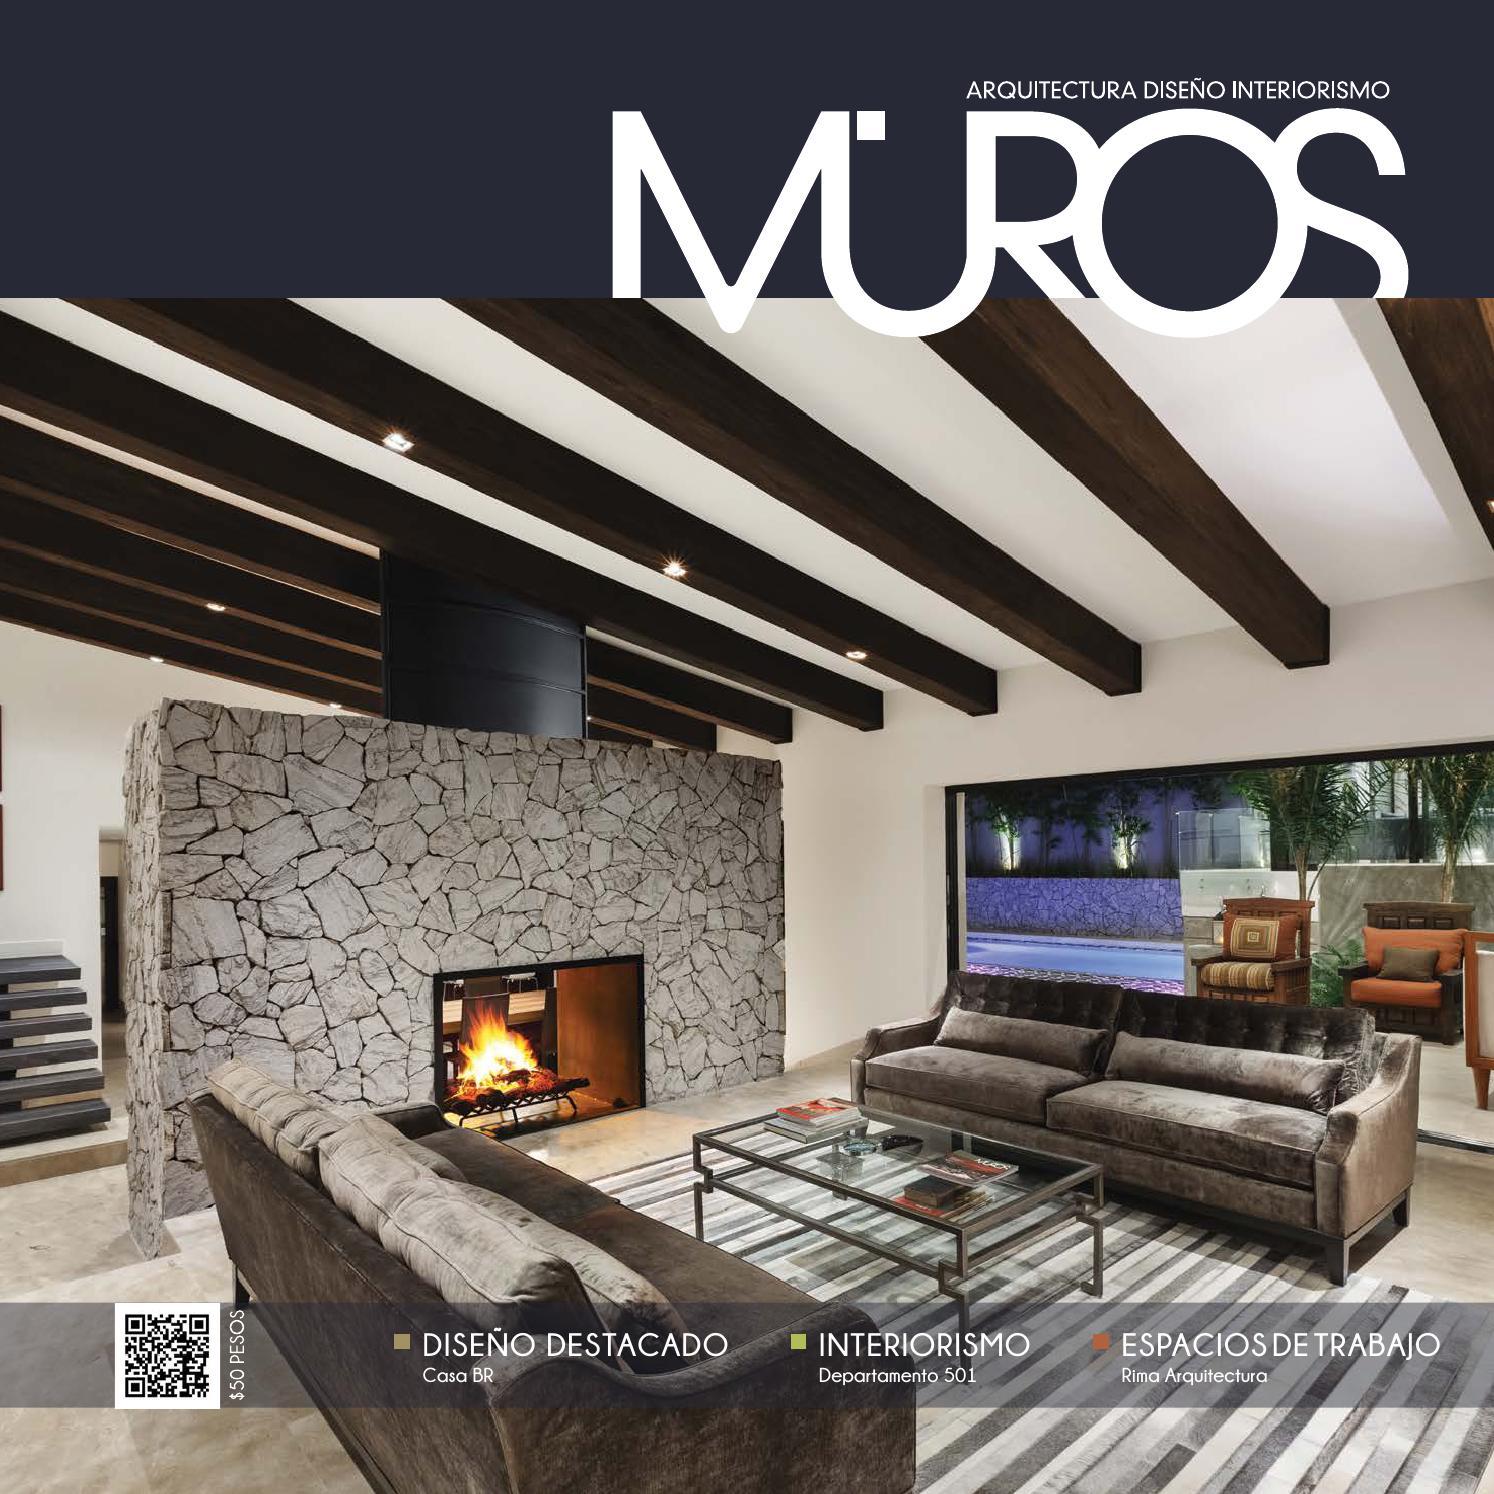 Edici n 14 revista muros arquitectura dise o for Casa y jardin revista pdf